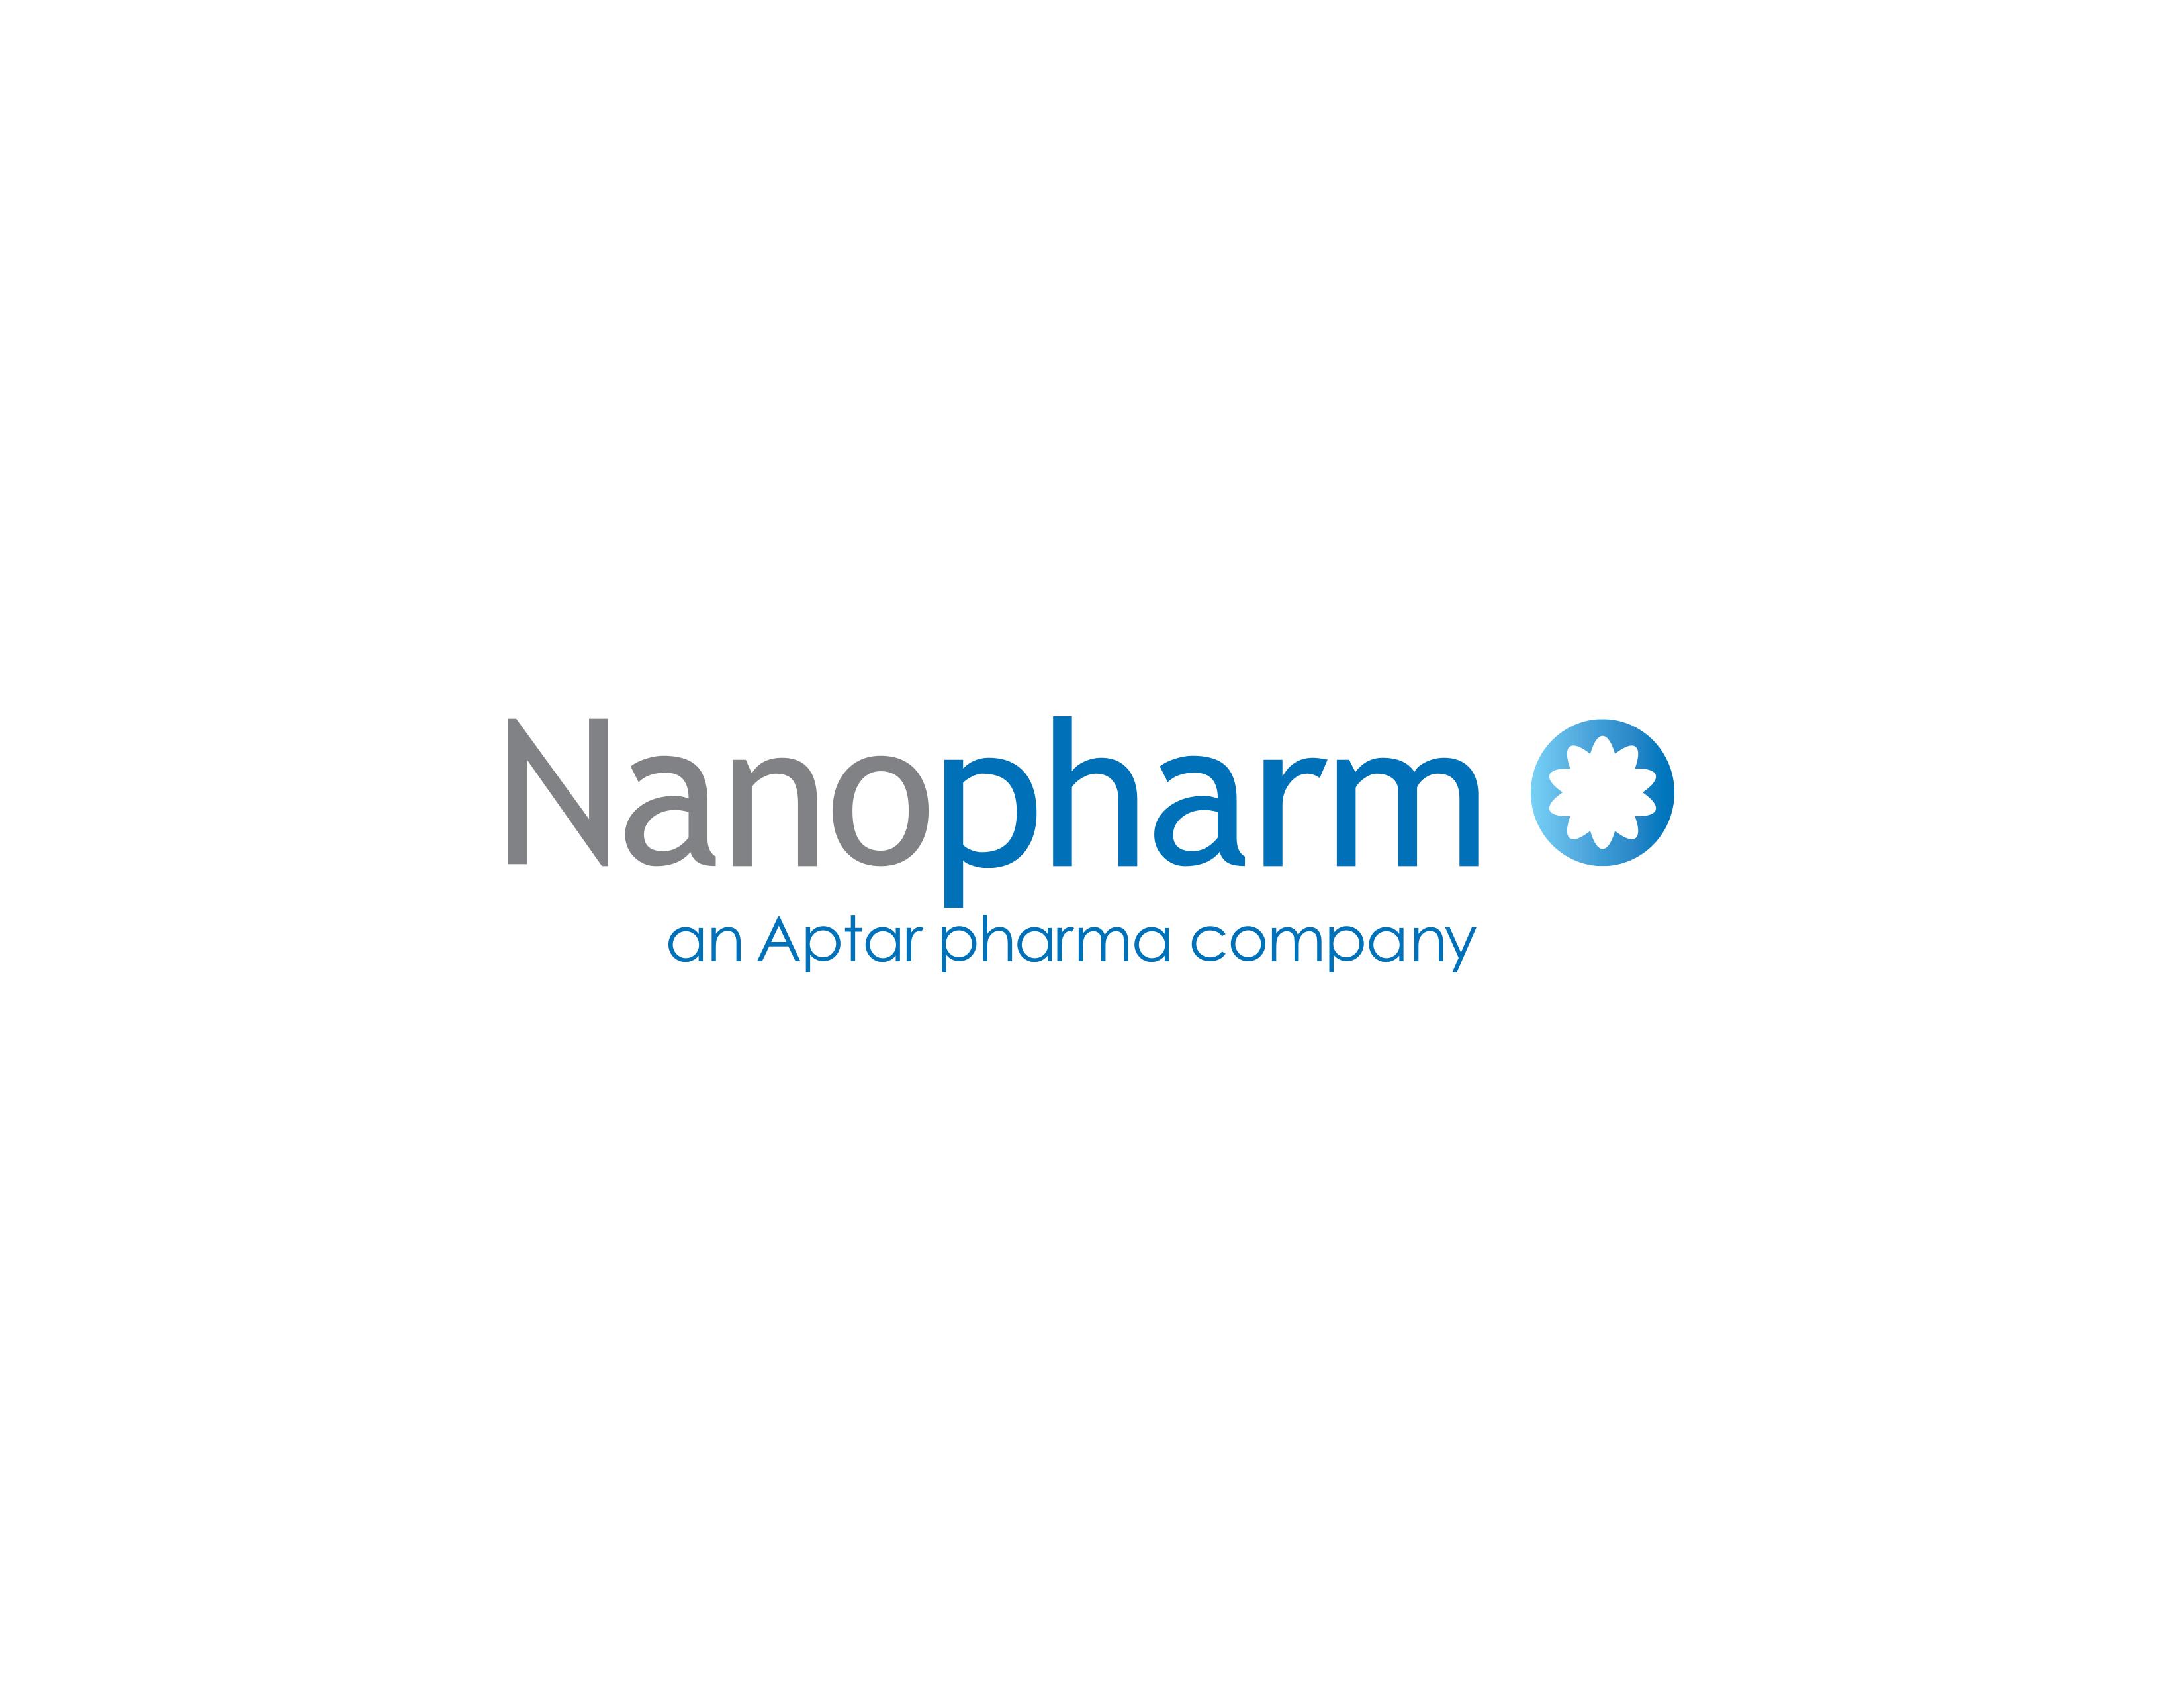 http://www.nanopharm.co.uk/